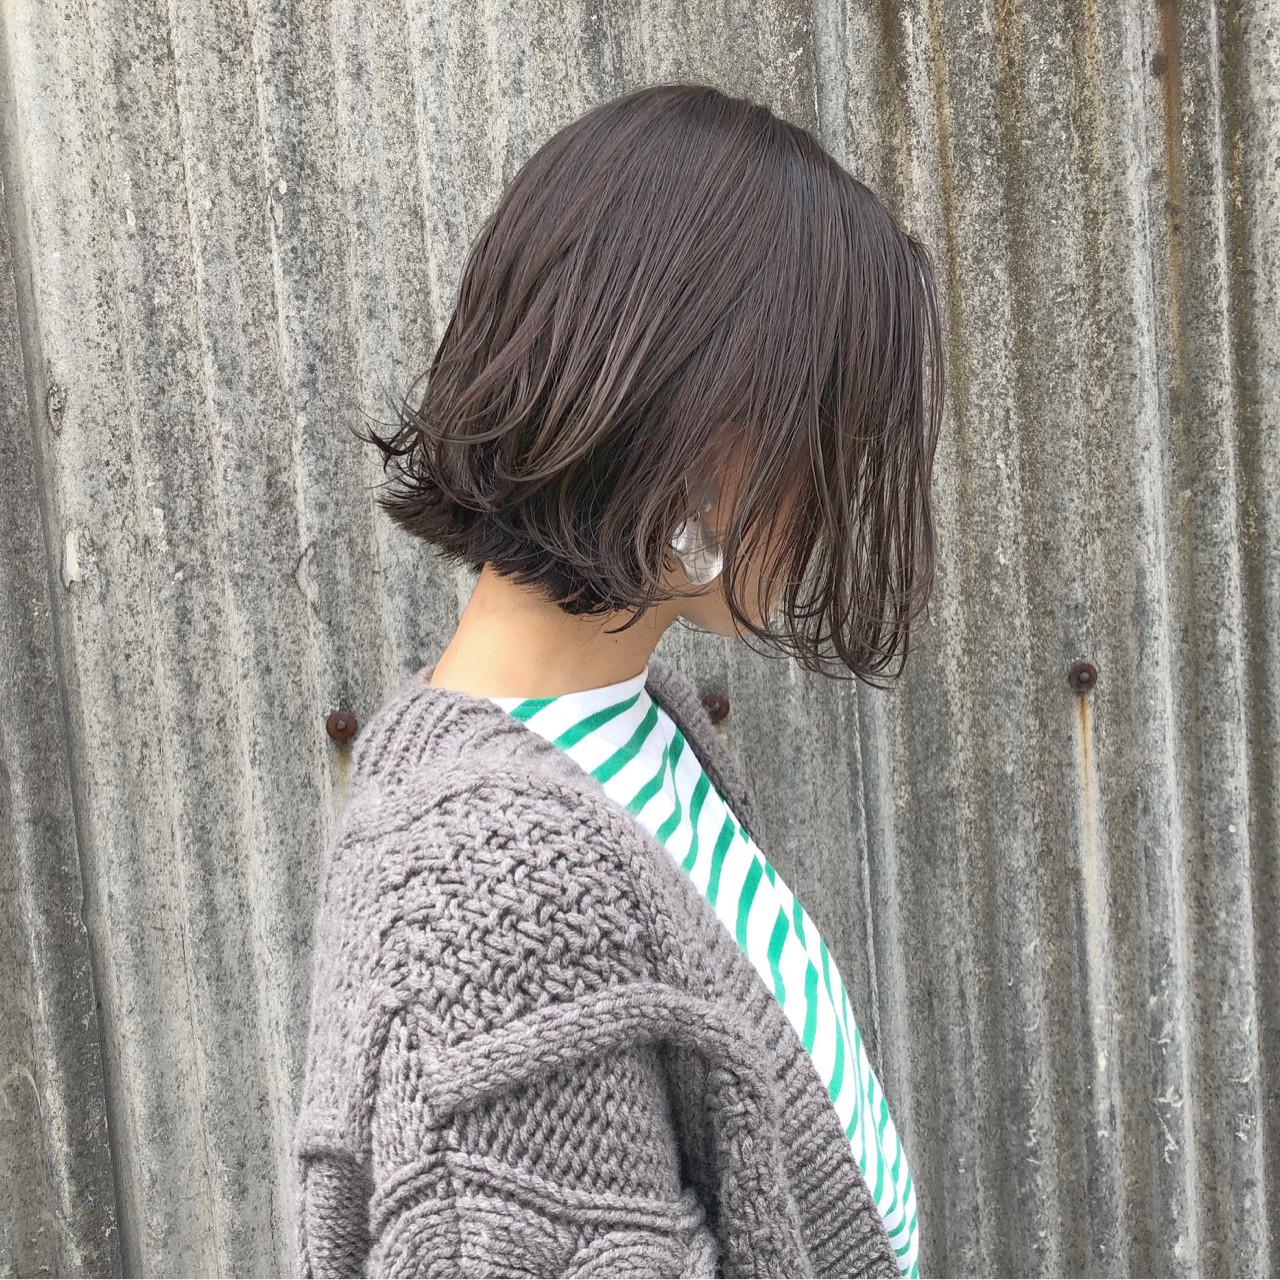 カーキアッシュ オリーブアッシュ 切りっぱなし ナチュラル ヘアスタイルや髪型の写真・画像 | 藤田成美 / bado